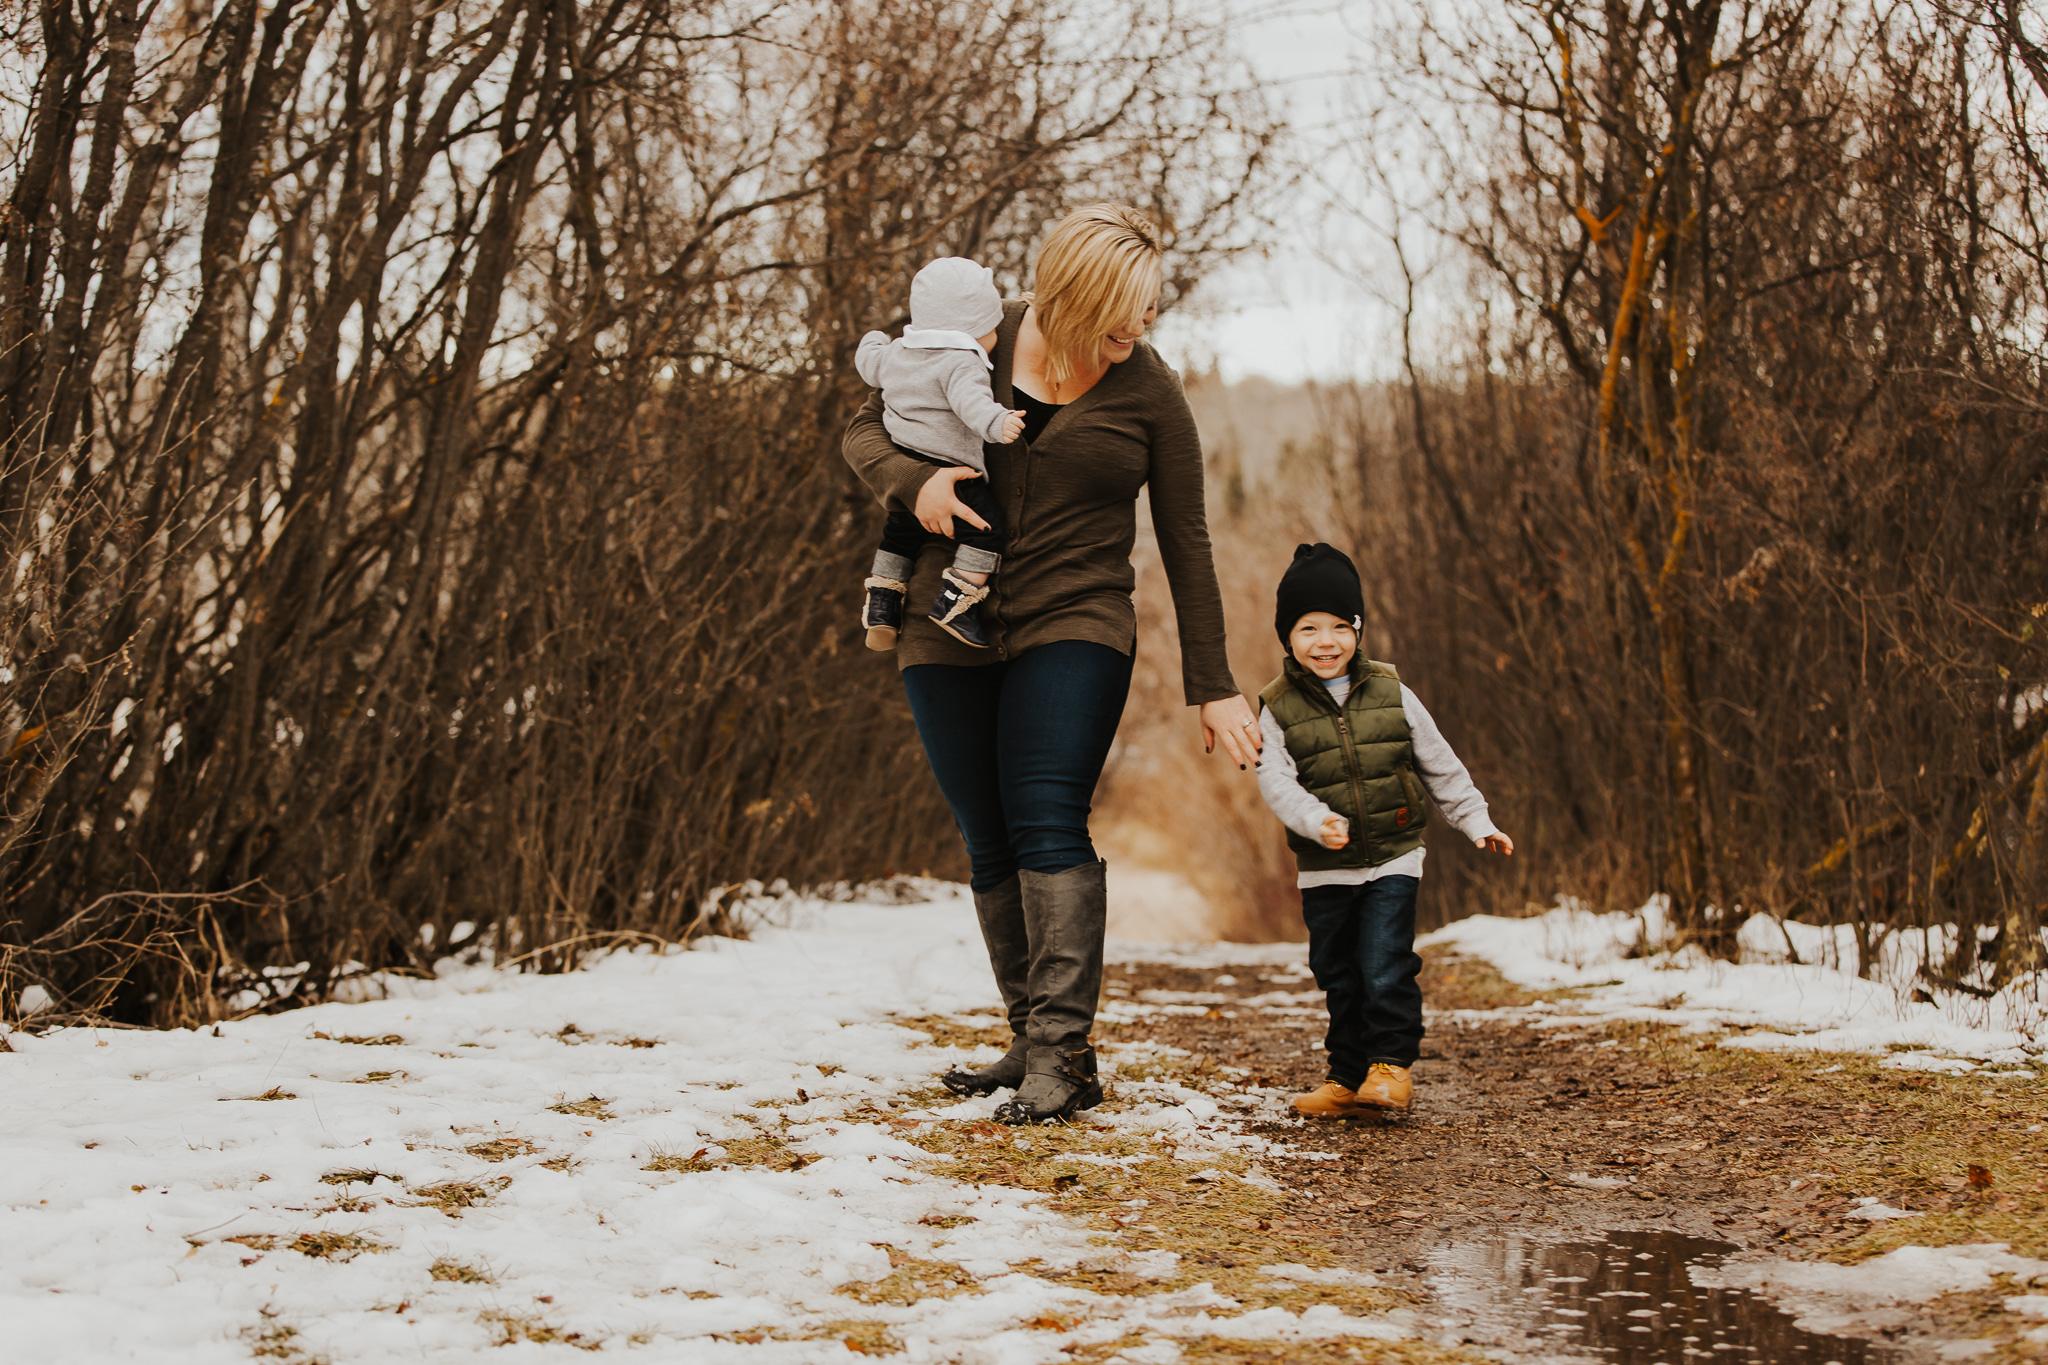 Alina-Joy-Photography-Cold-Lake-Lifestyle-Photographer-91.jpg